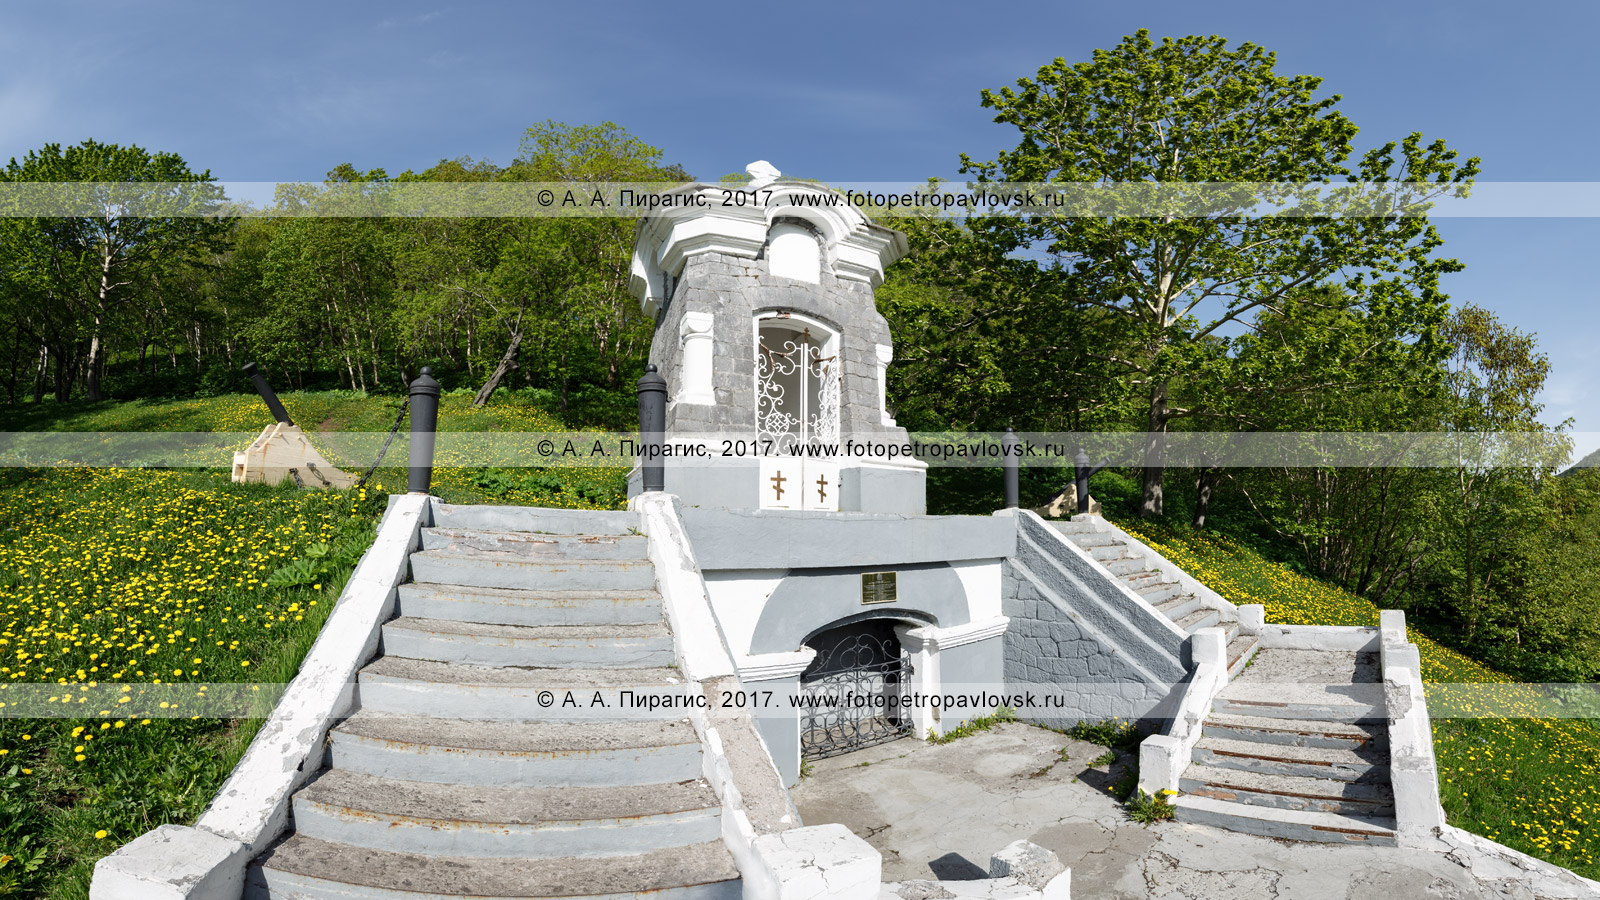 """Фотография: памятник """"Часовня"""", установленный у братской могилы погибших защитников Петропавловского порта во время героического отражения нападения англо-французской эскадры в августе 1854 года"""